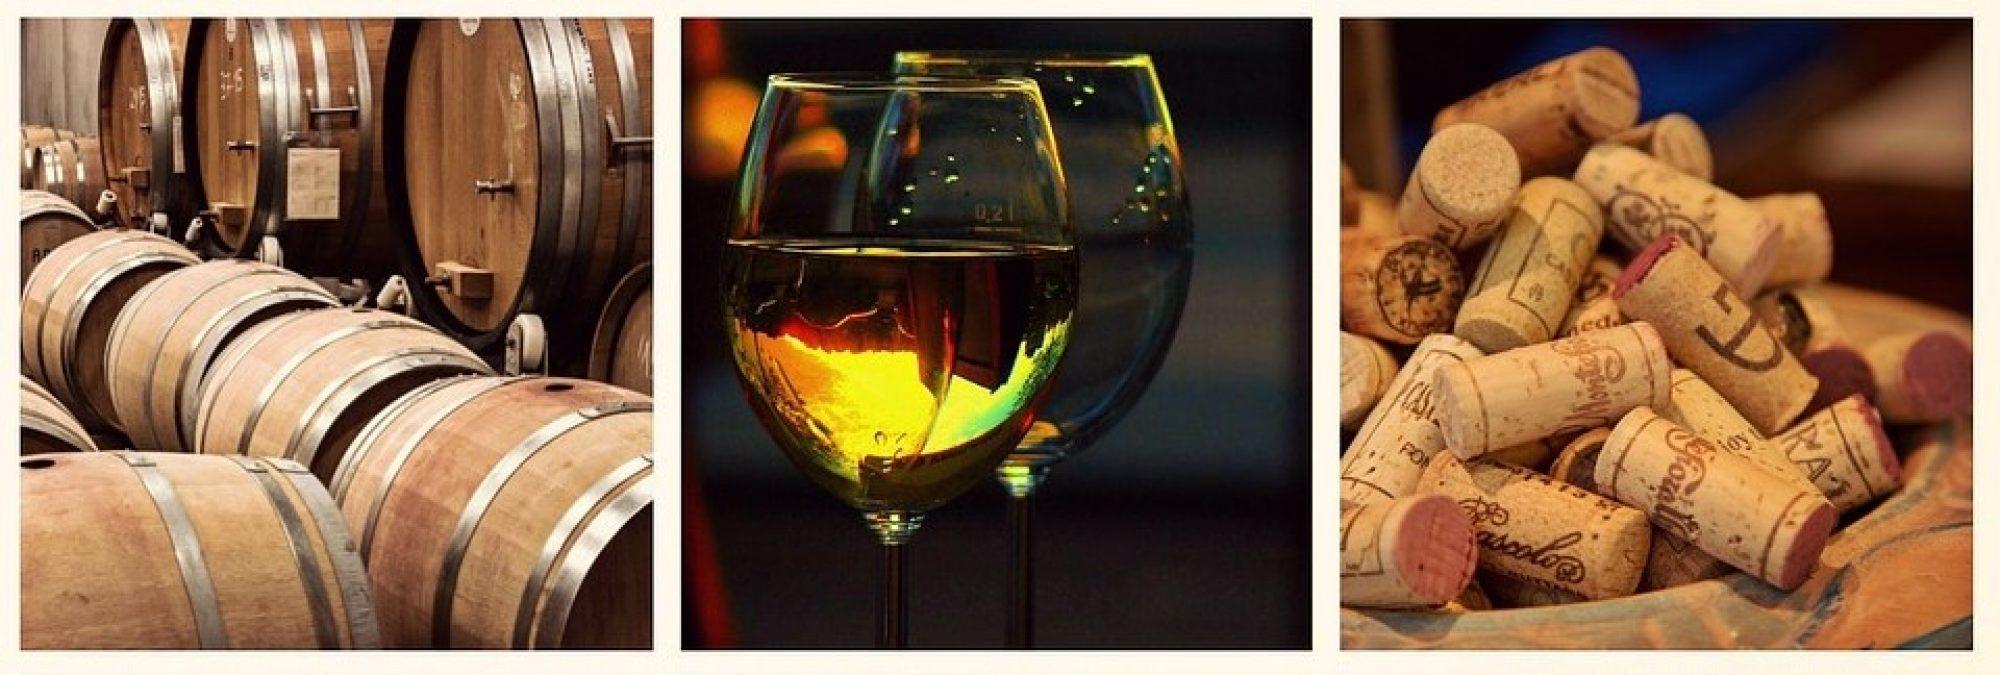 Wijnproeverijen en wijnverkoop